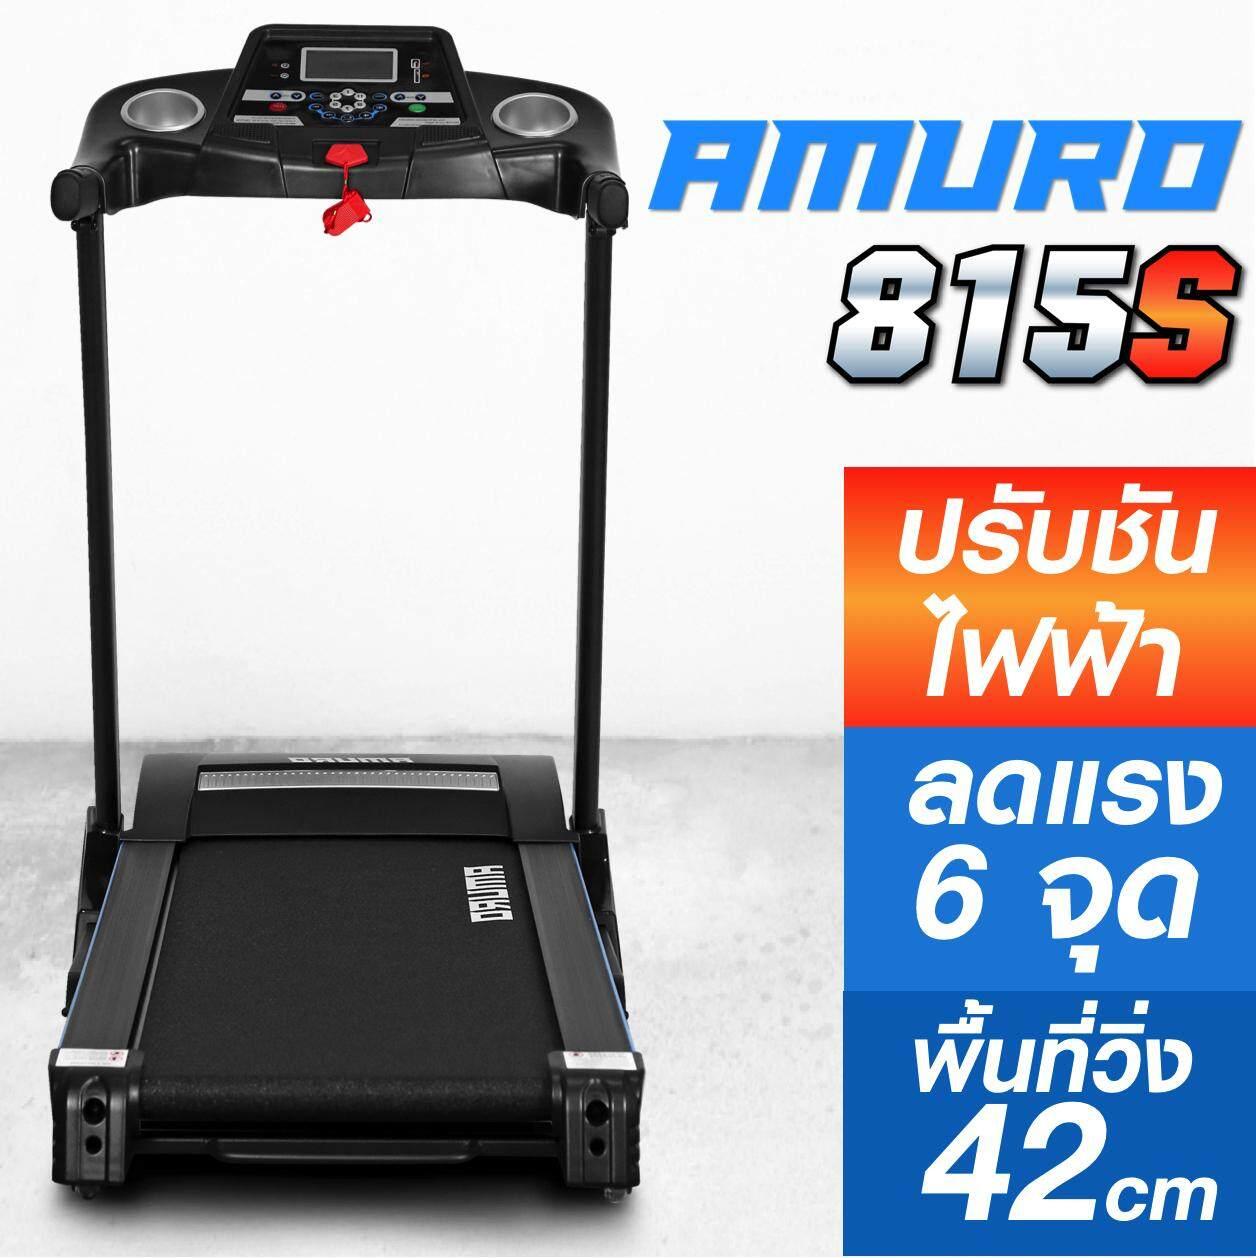 สุดยอดสินค้า!! AMURO ลู่วิ่งไฟฟ้า 2.5 แรงม้า รุ่น 815S ปรับความชันอัตโนมัติด้วยไฟฟ้า 15 ระดับ + ที่ซับแรงกระแทก 6 จุด วิ่งสบาย วิ่งสนุก